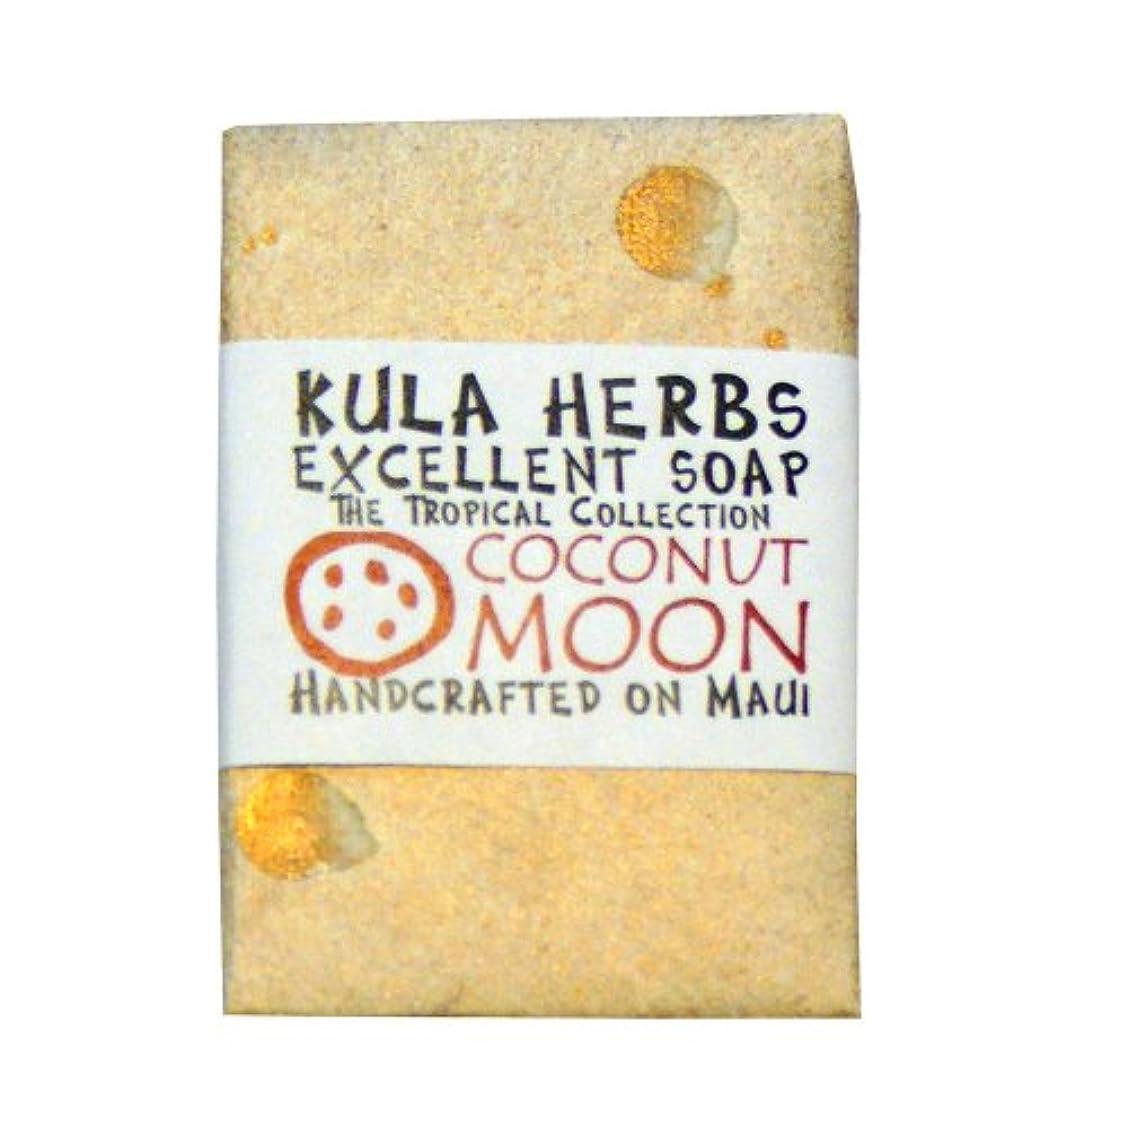 吸収縞模様の予算クラハーブス KULA HERBS バスソープ 120g ココナッツムーン